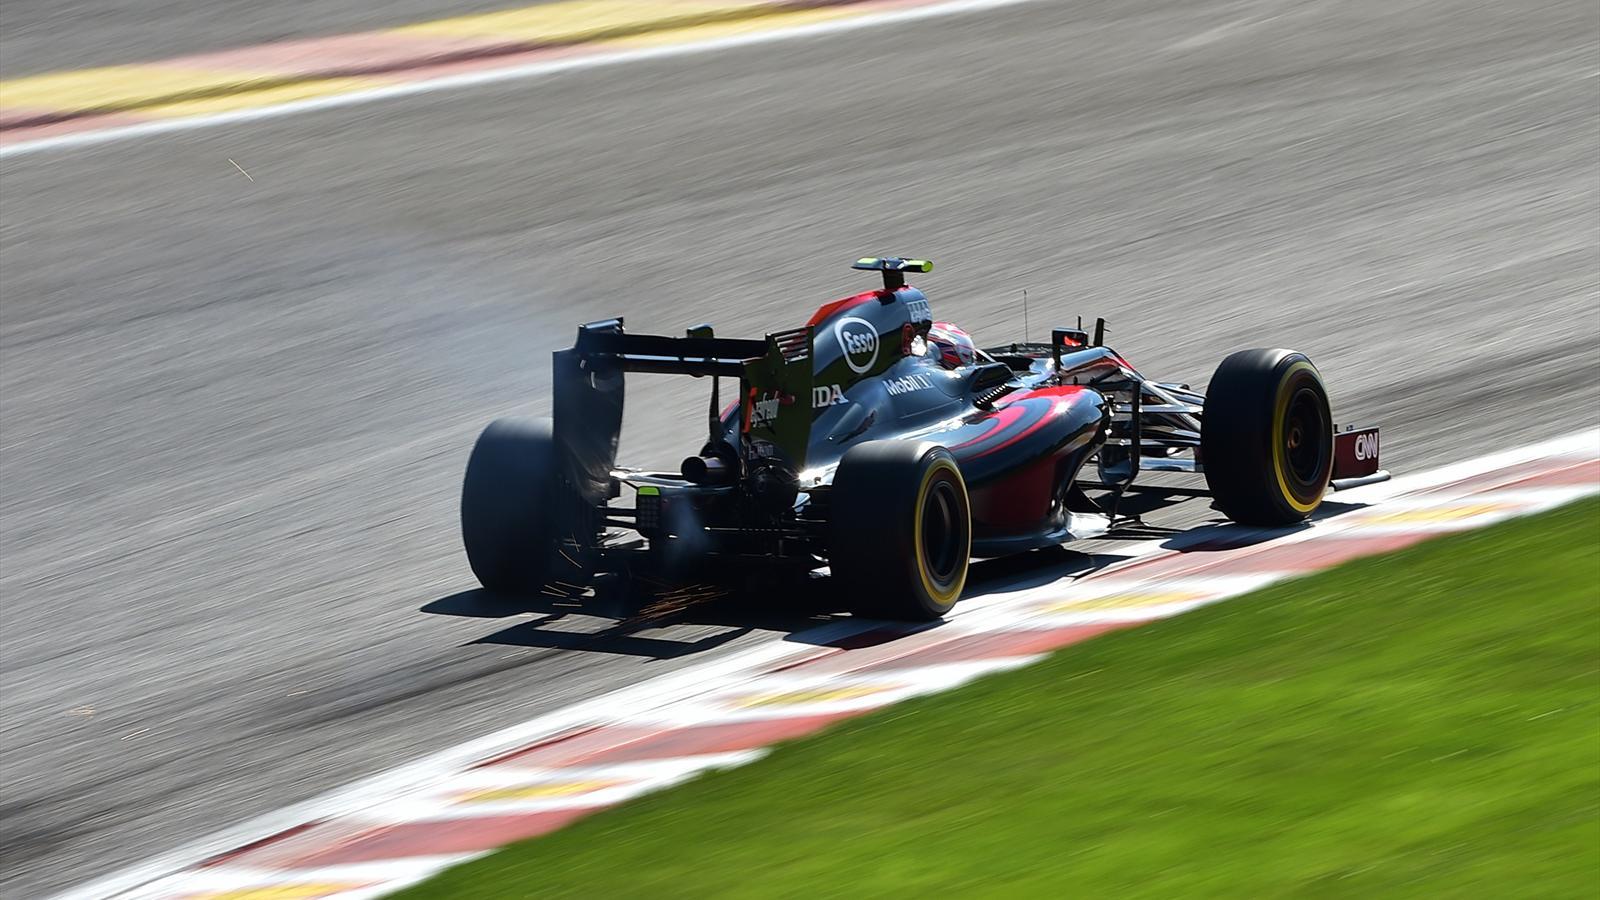 Jenson Button (McLaren), 14e à Spa-Francorchamps - Grand Prix de Belgique 2015